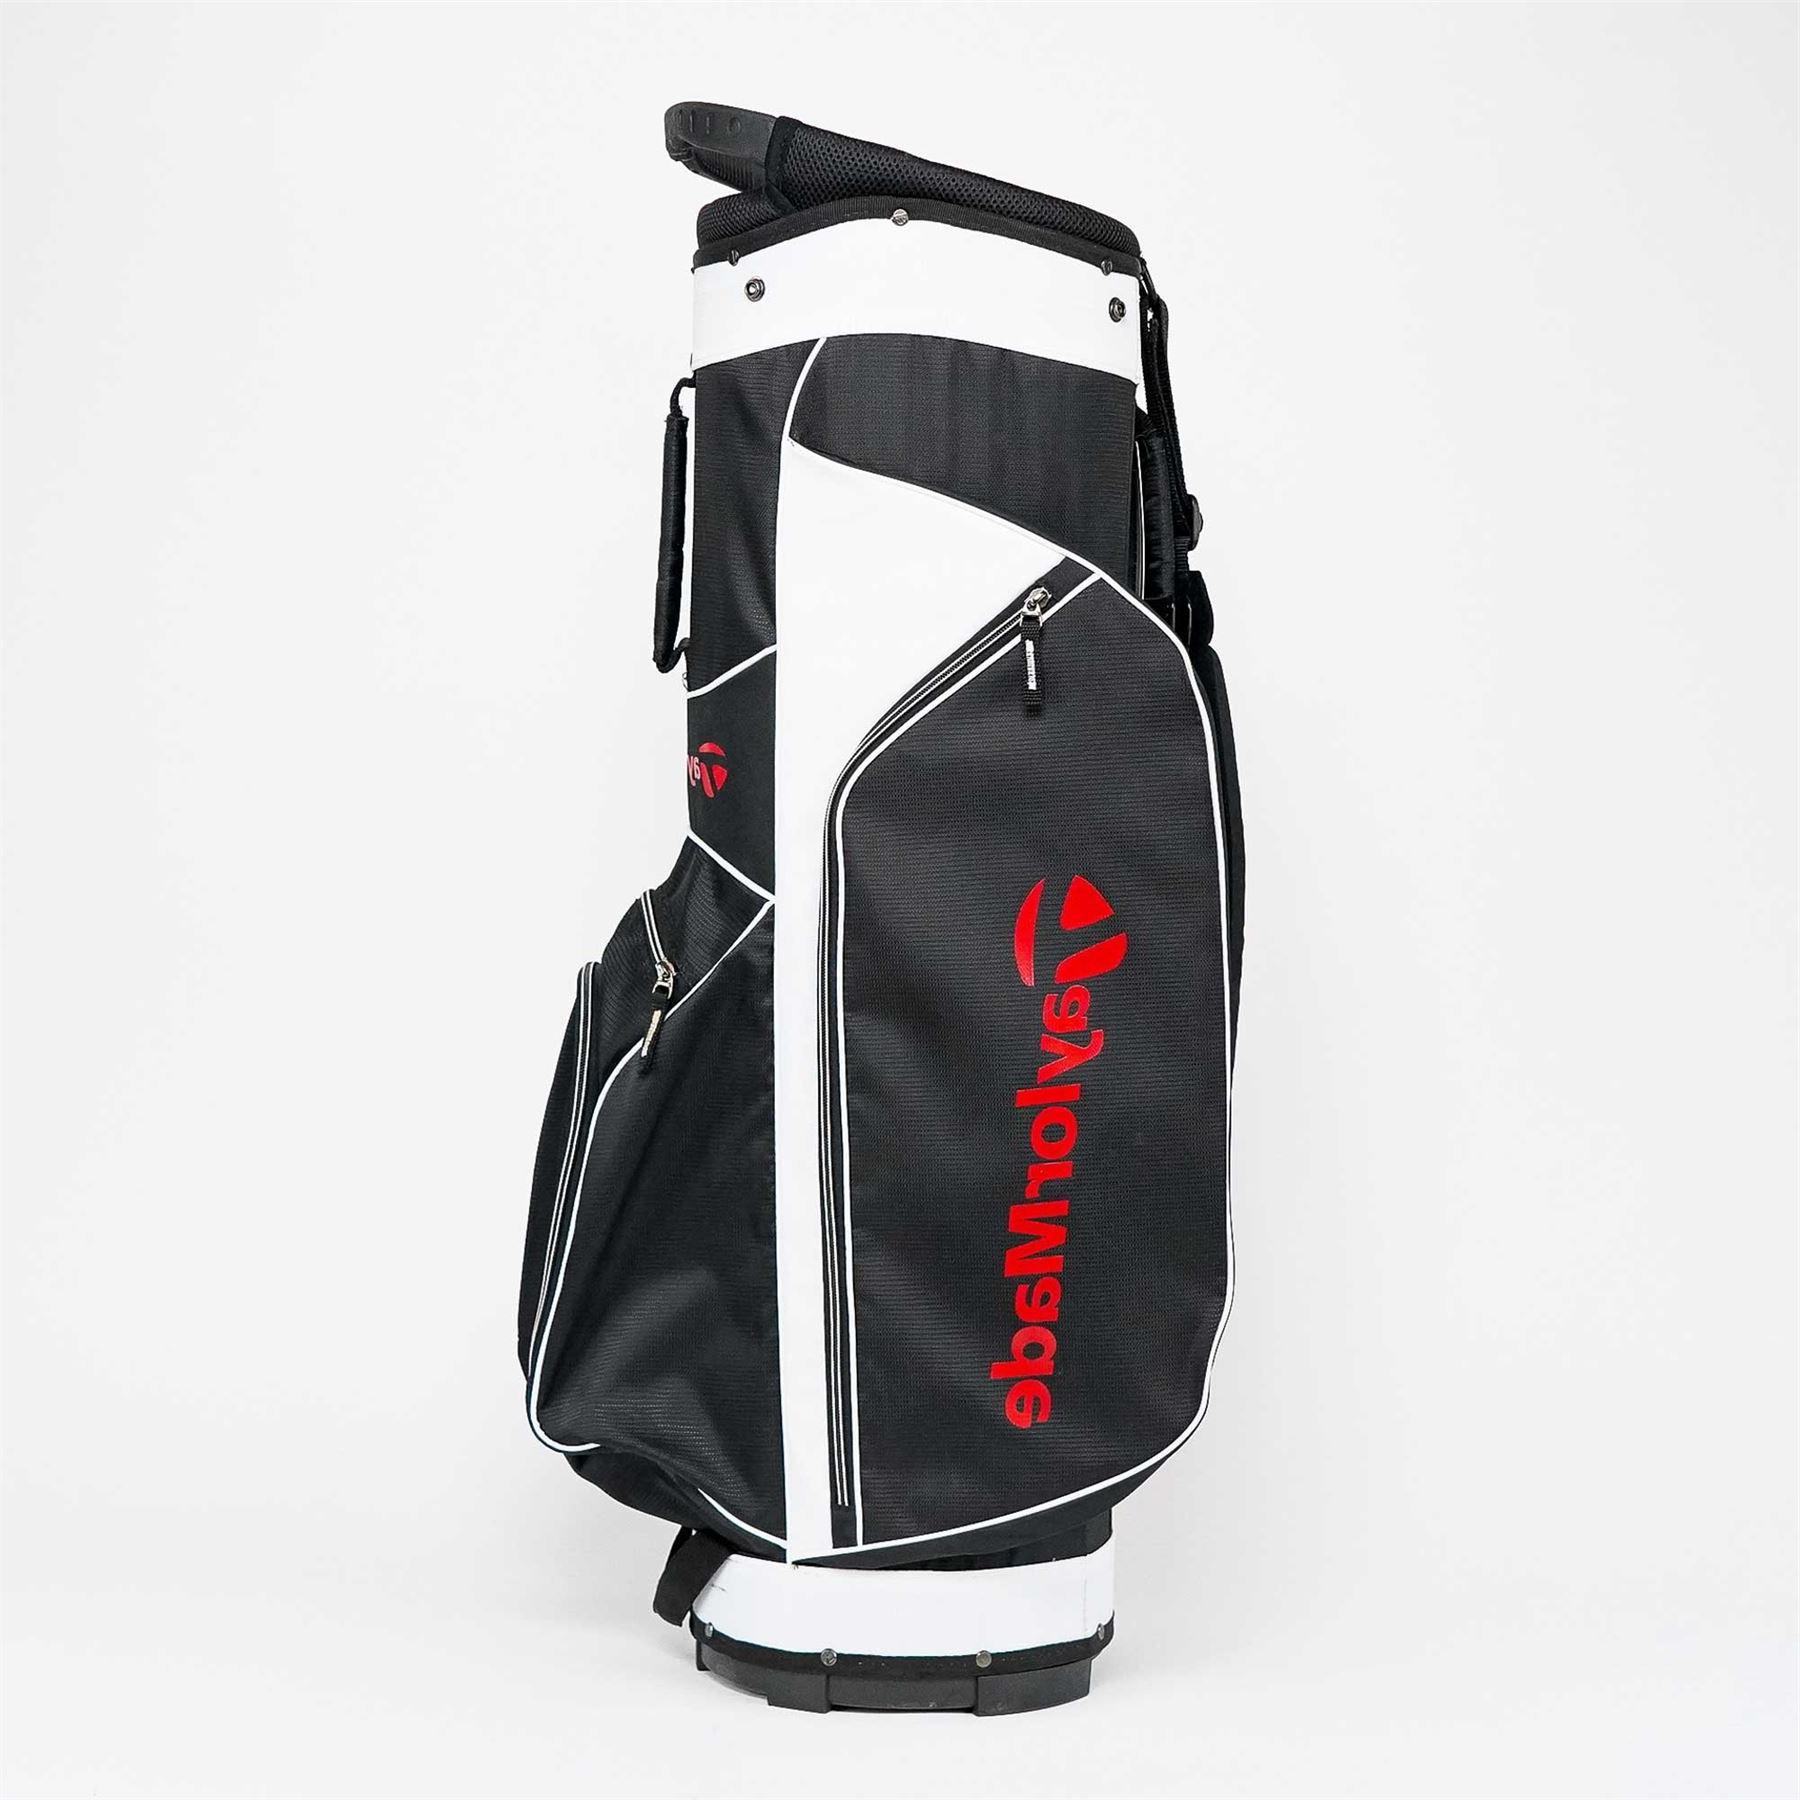 5 0 cart bag